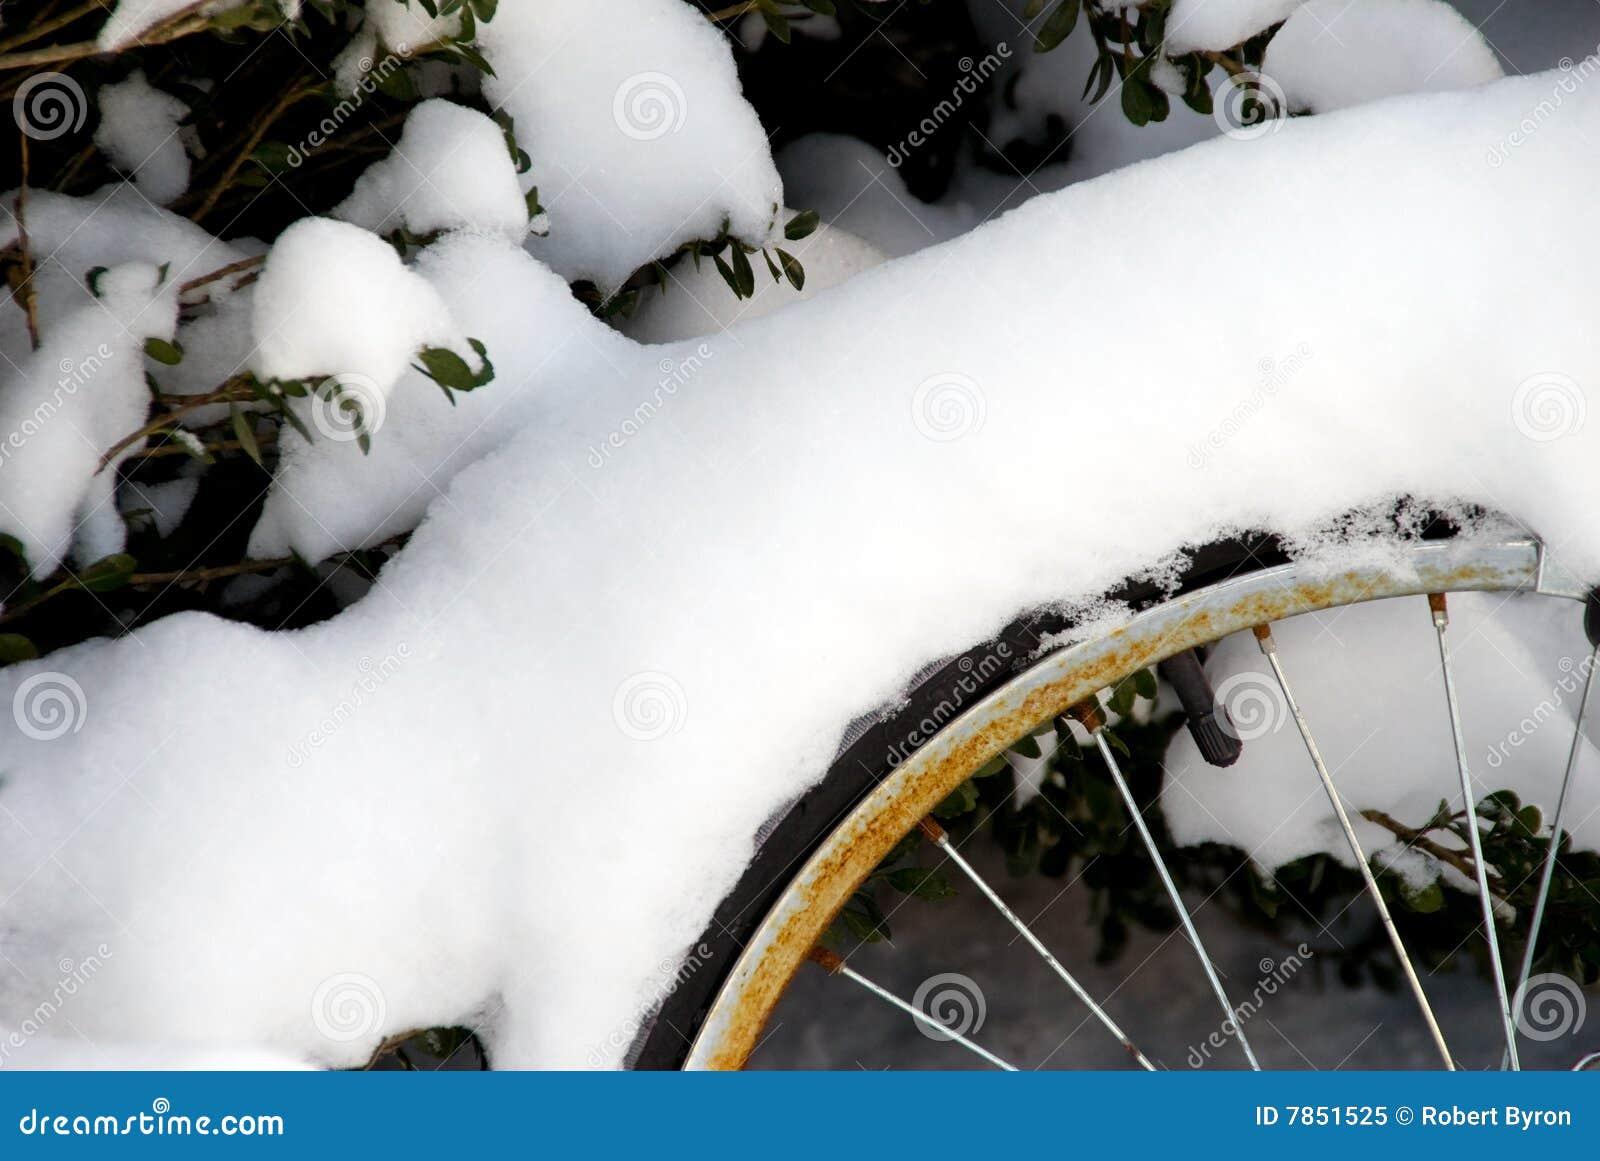 Rueda de bicicleta cubierta en nieve